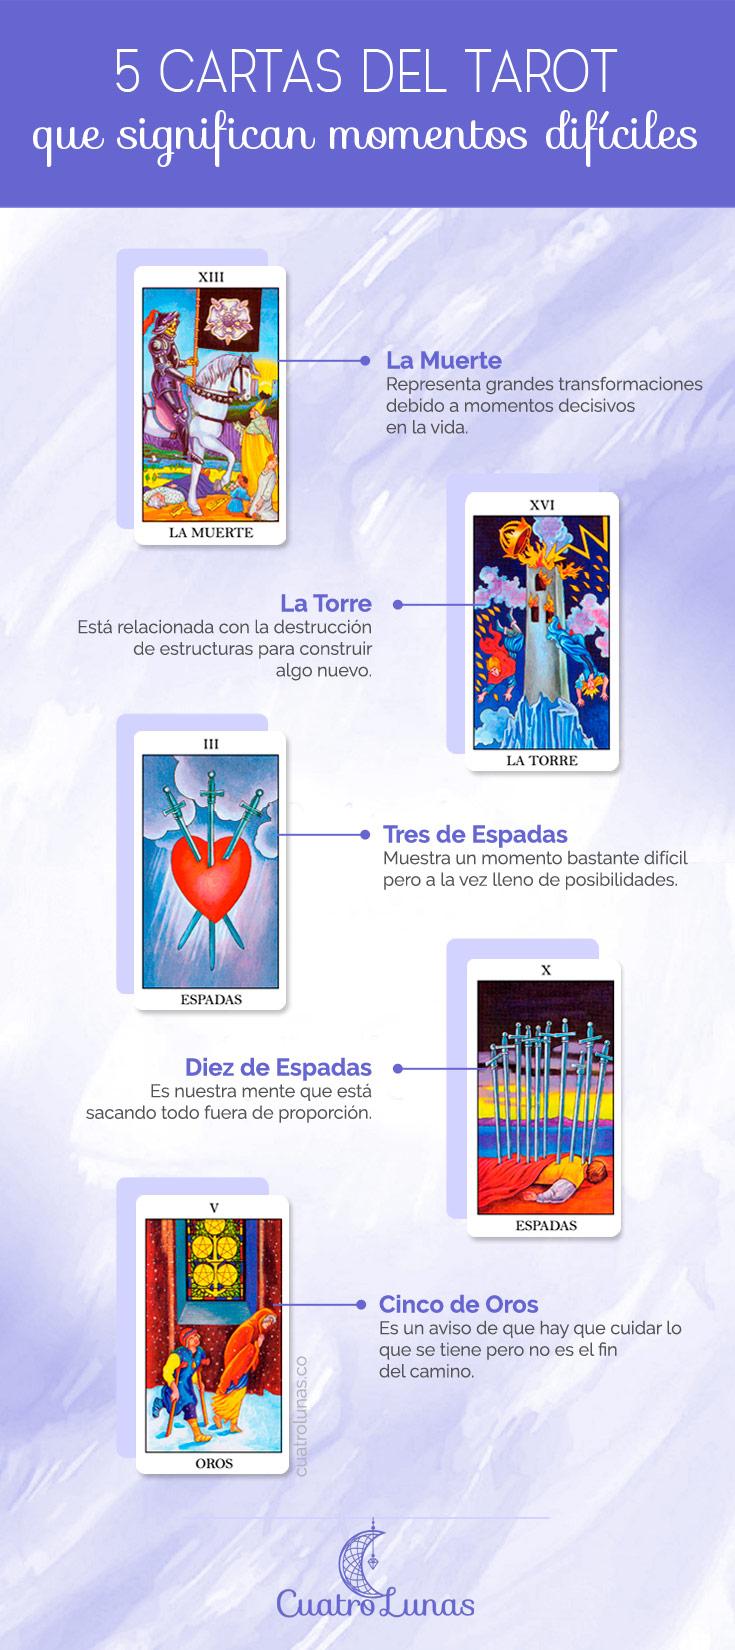 5 Cartas Dificiles del Tarot